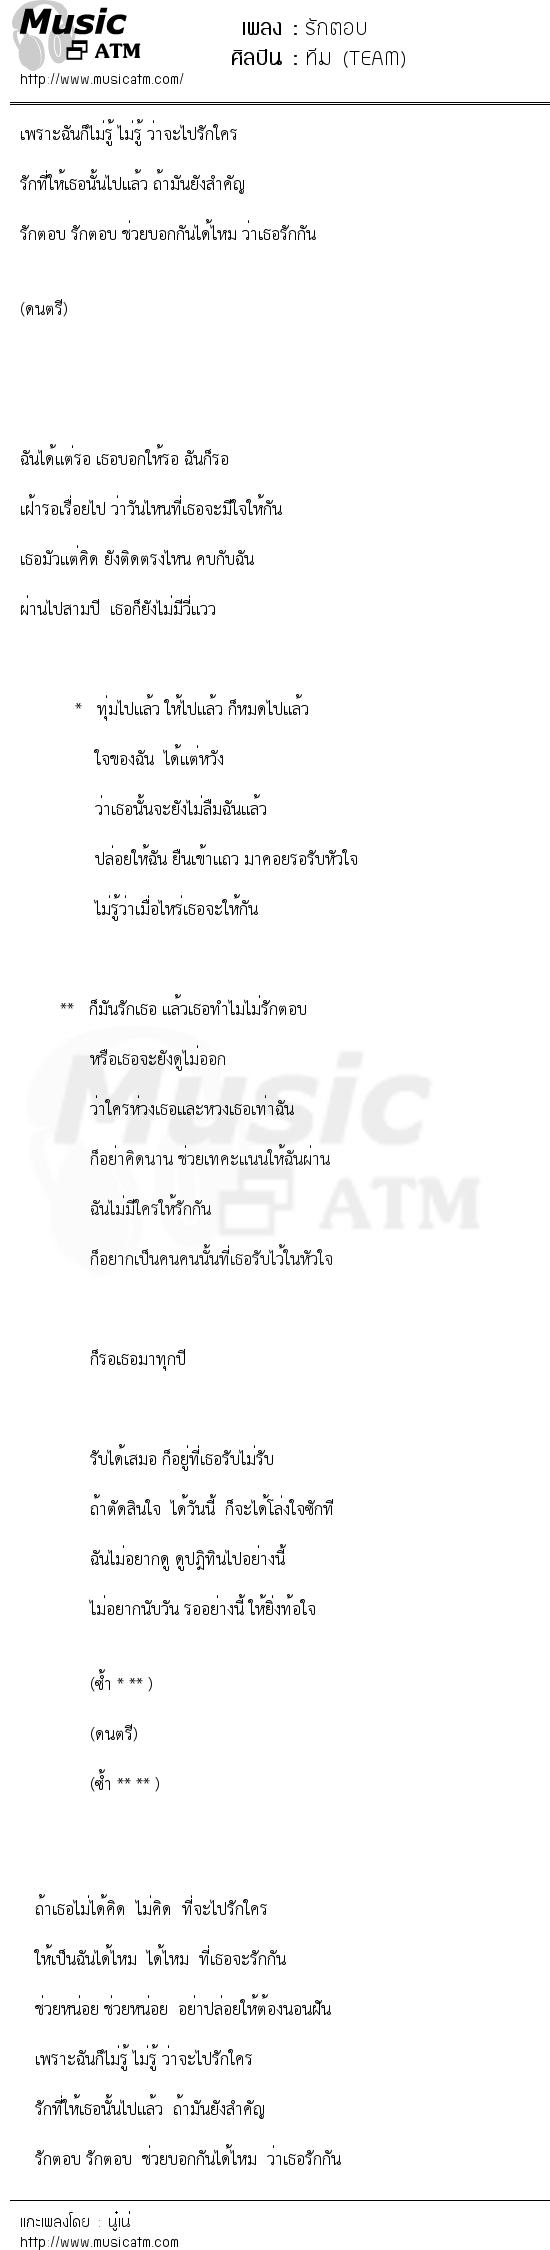 เนื้อเพลง รักตอบ - ทีม (TEAM) | เพลงไทย